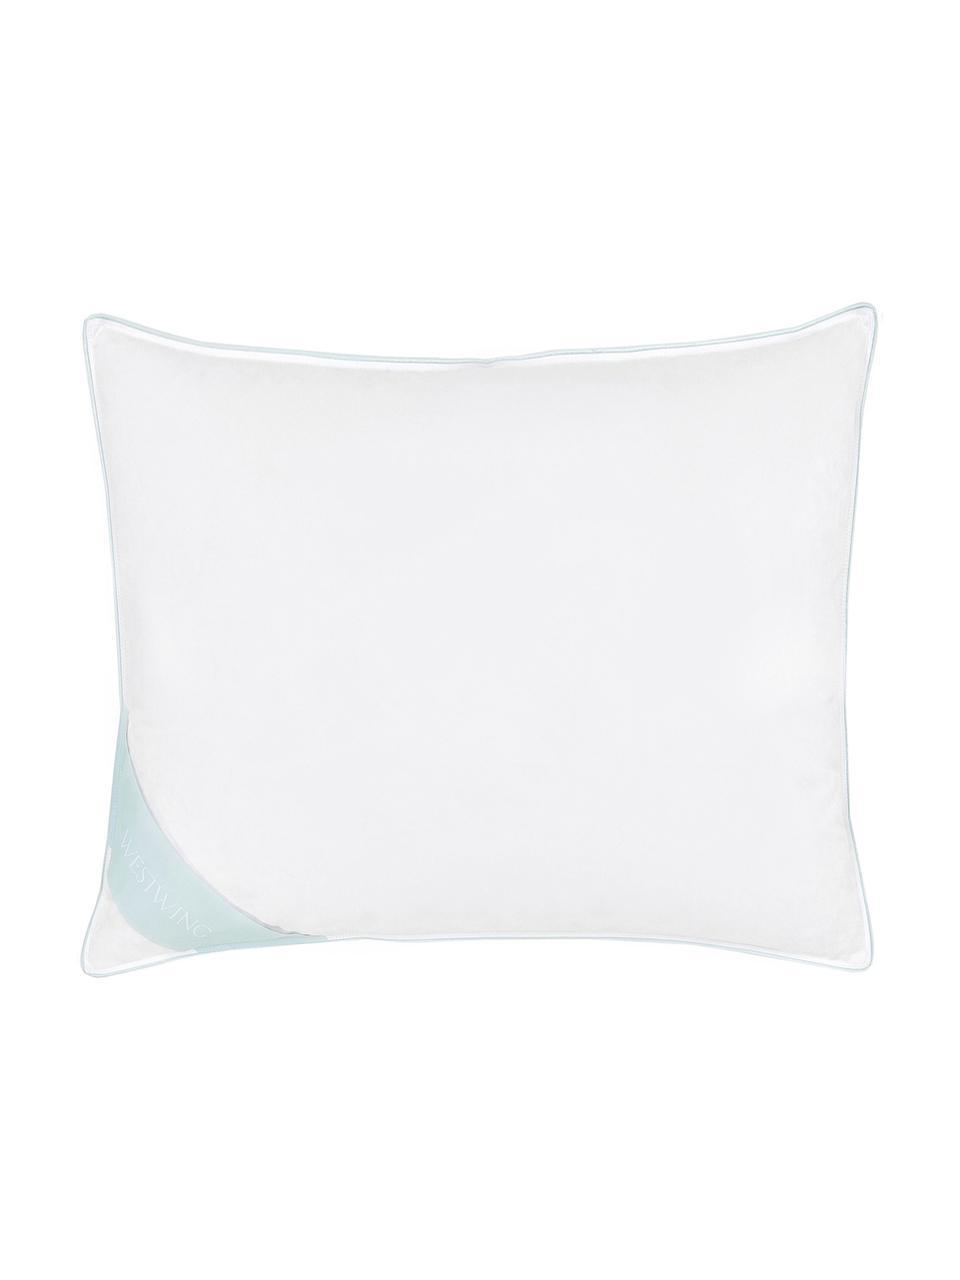 Veren hoofdkussen Comfort, medium, Wit met turquoise satijnen bies, 60 x 70 cm